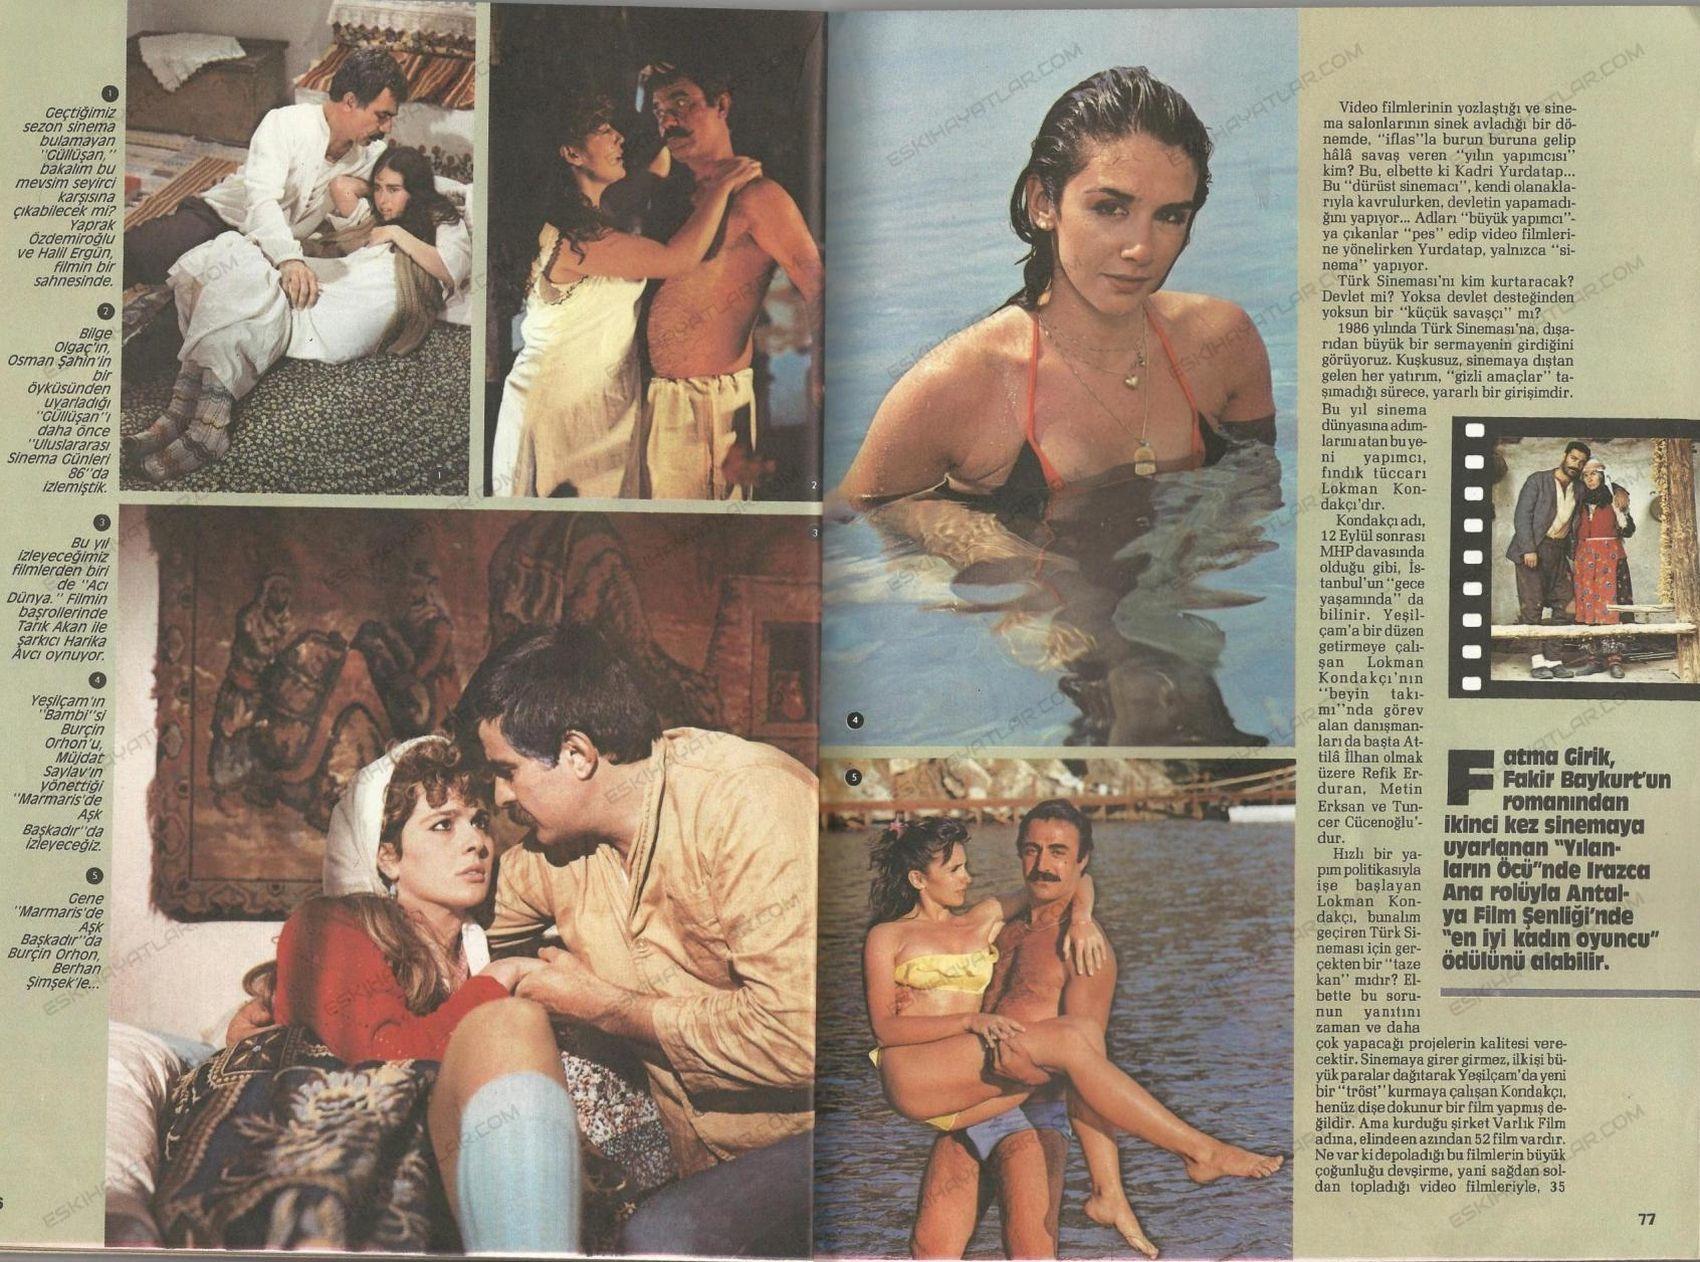 0385-fatma-girik-fakir-baykurt-romani-yilanlarin-ocu-bambi-burcin-orhon-gencligi-berhan-simsek-kimdir-yaprak-ozdemiroglu-gencligi-1986-1987-yillarinda-turk-sinemasi